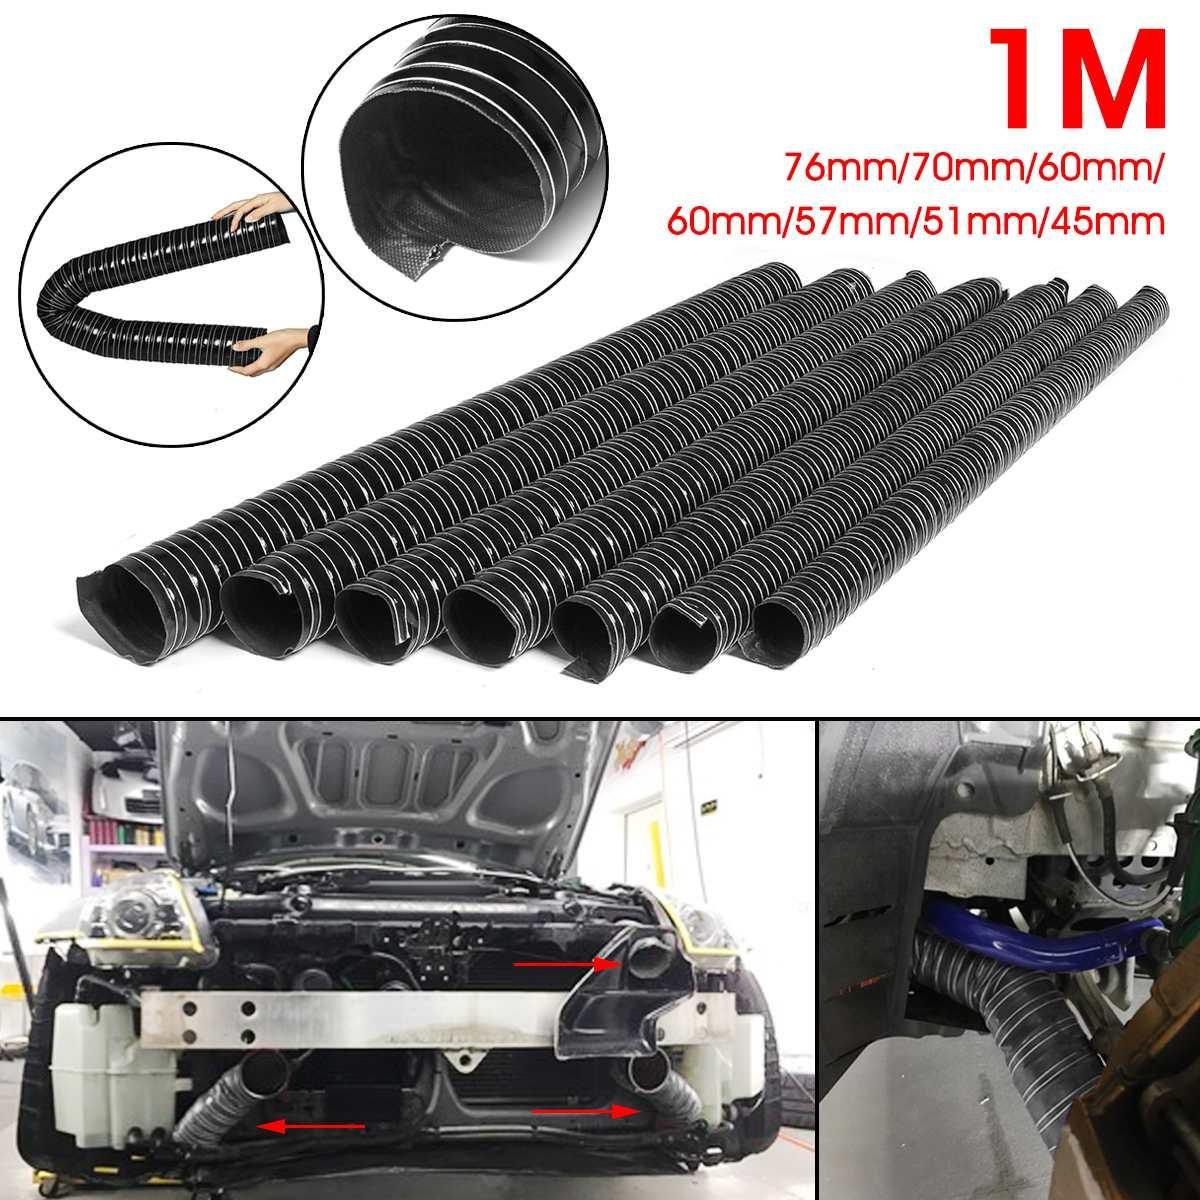 車のボンネット吸気管 1 メートル空気ダクトホースチューブ 76/70/63/60/57 /51/45 ミリメートル柔軟なフィルターパイプユニバーサル